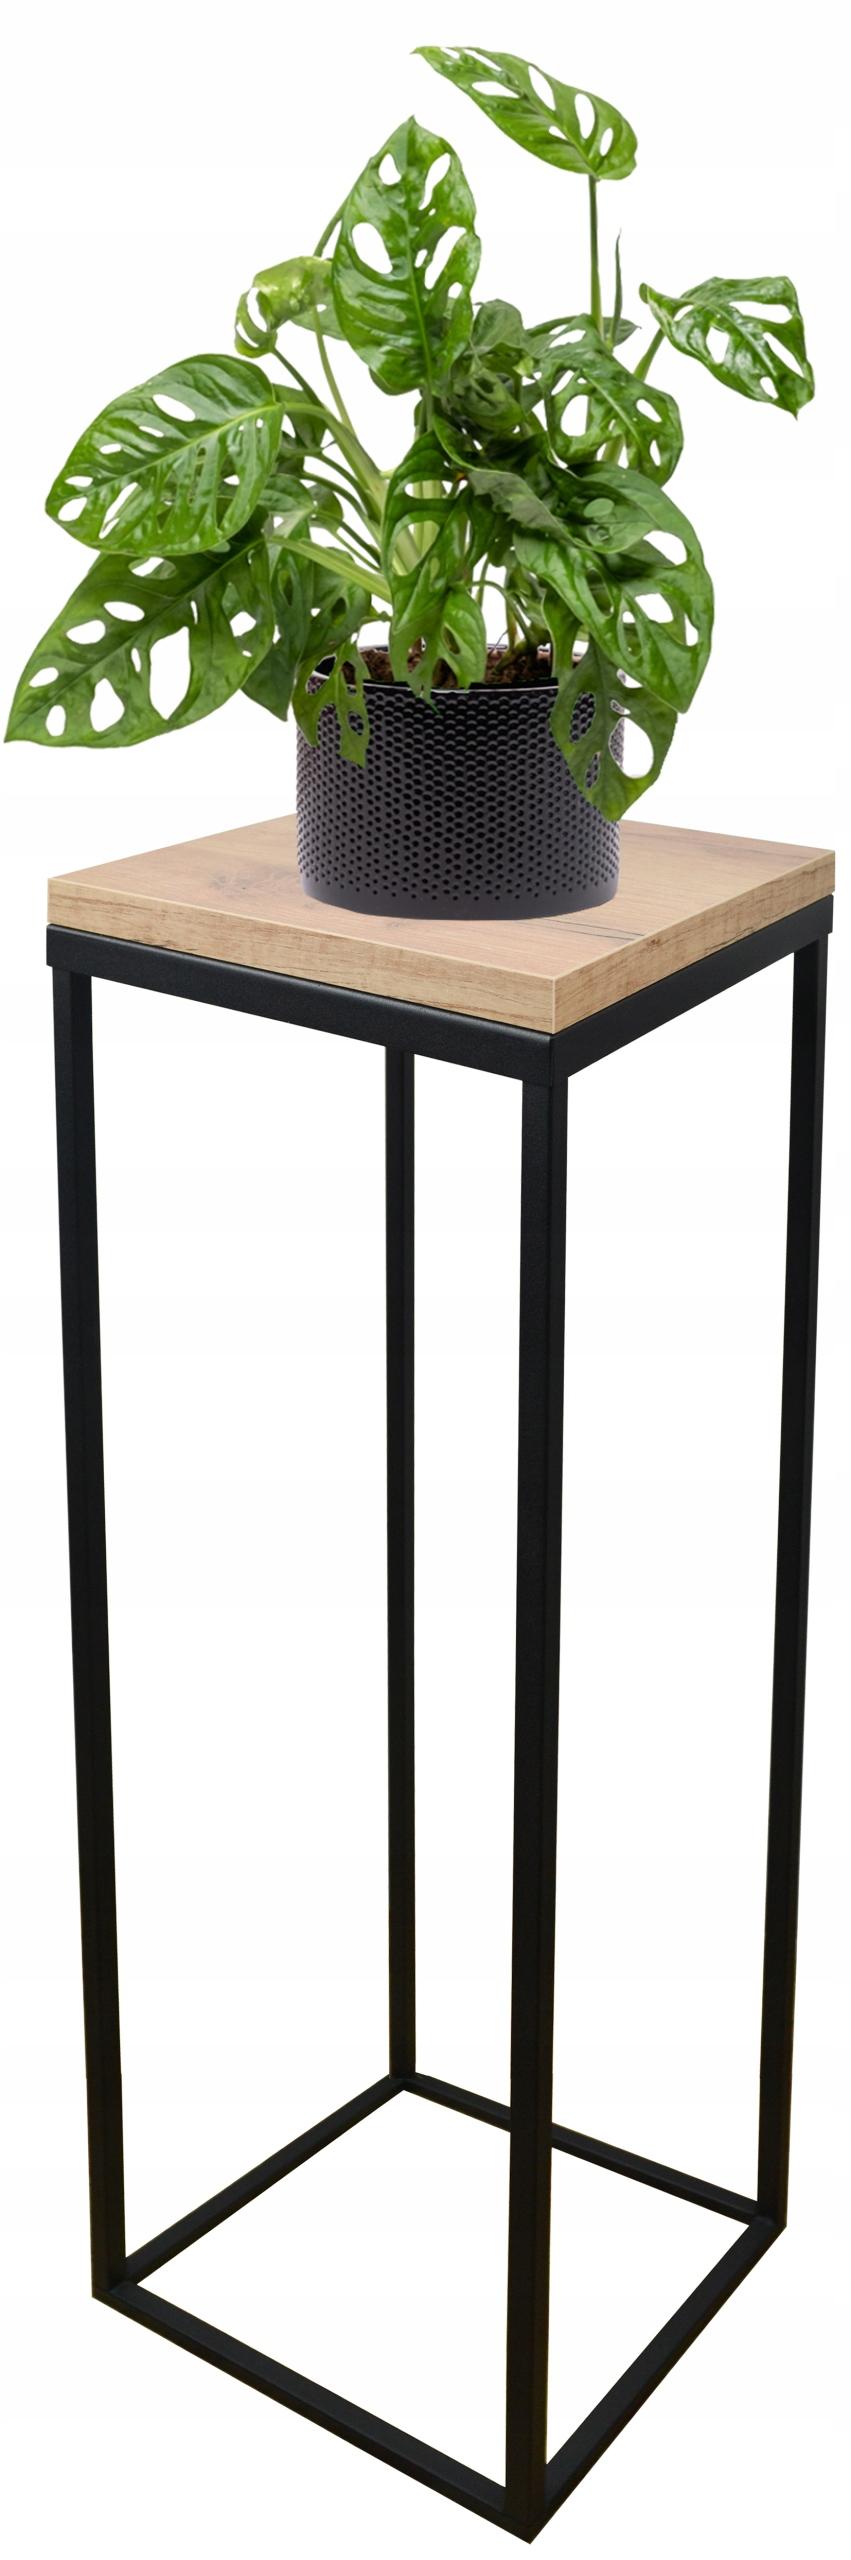 Металлическая подставка для растений loft black oak craft 70см